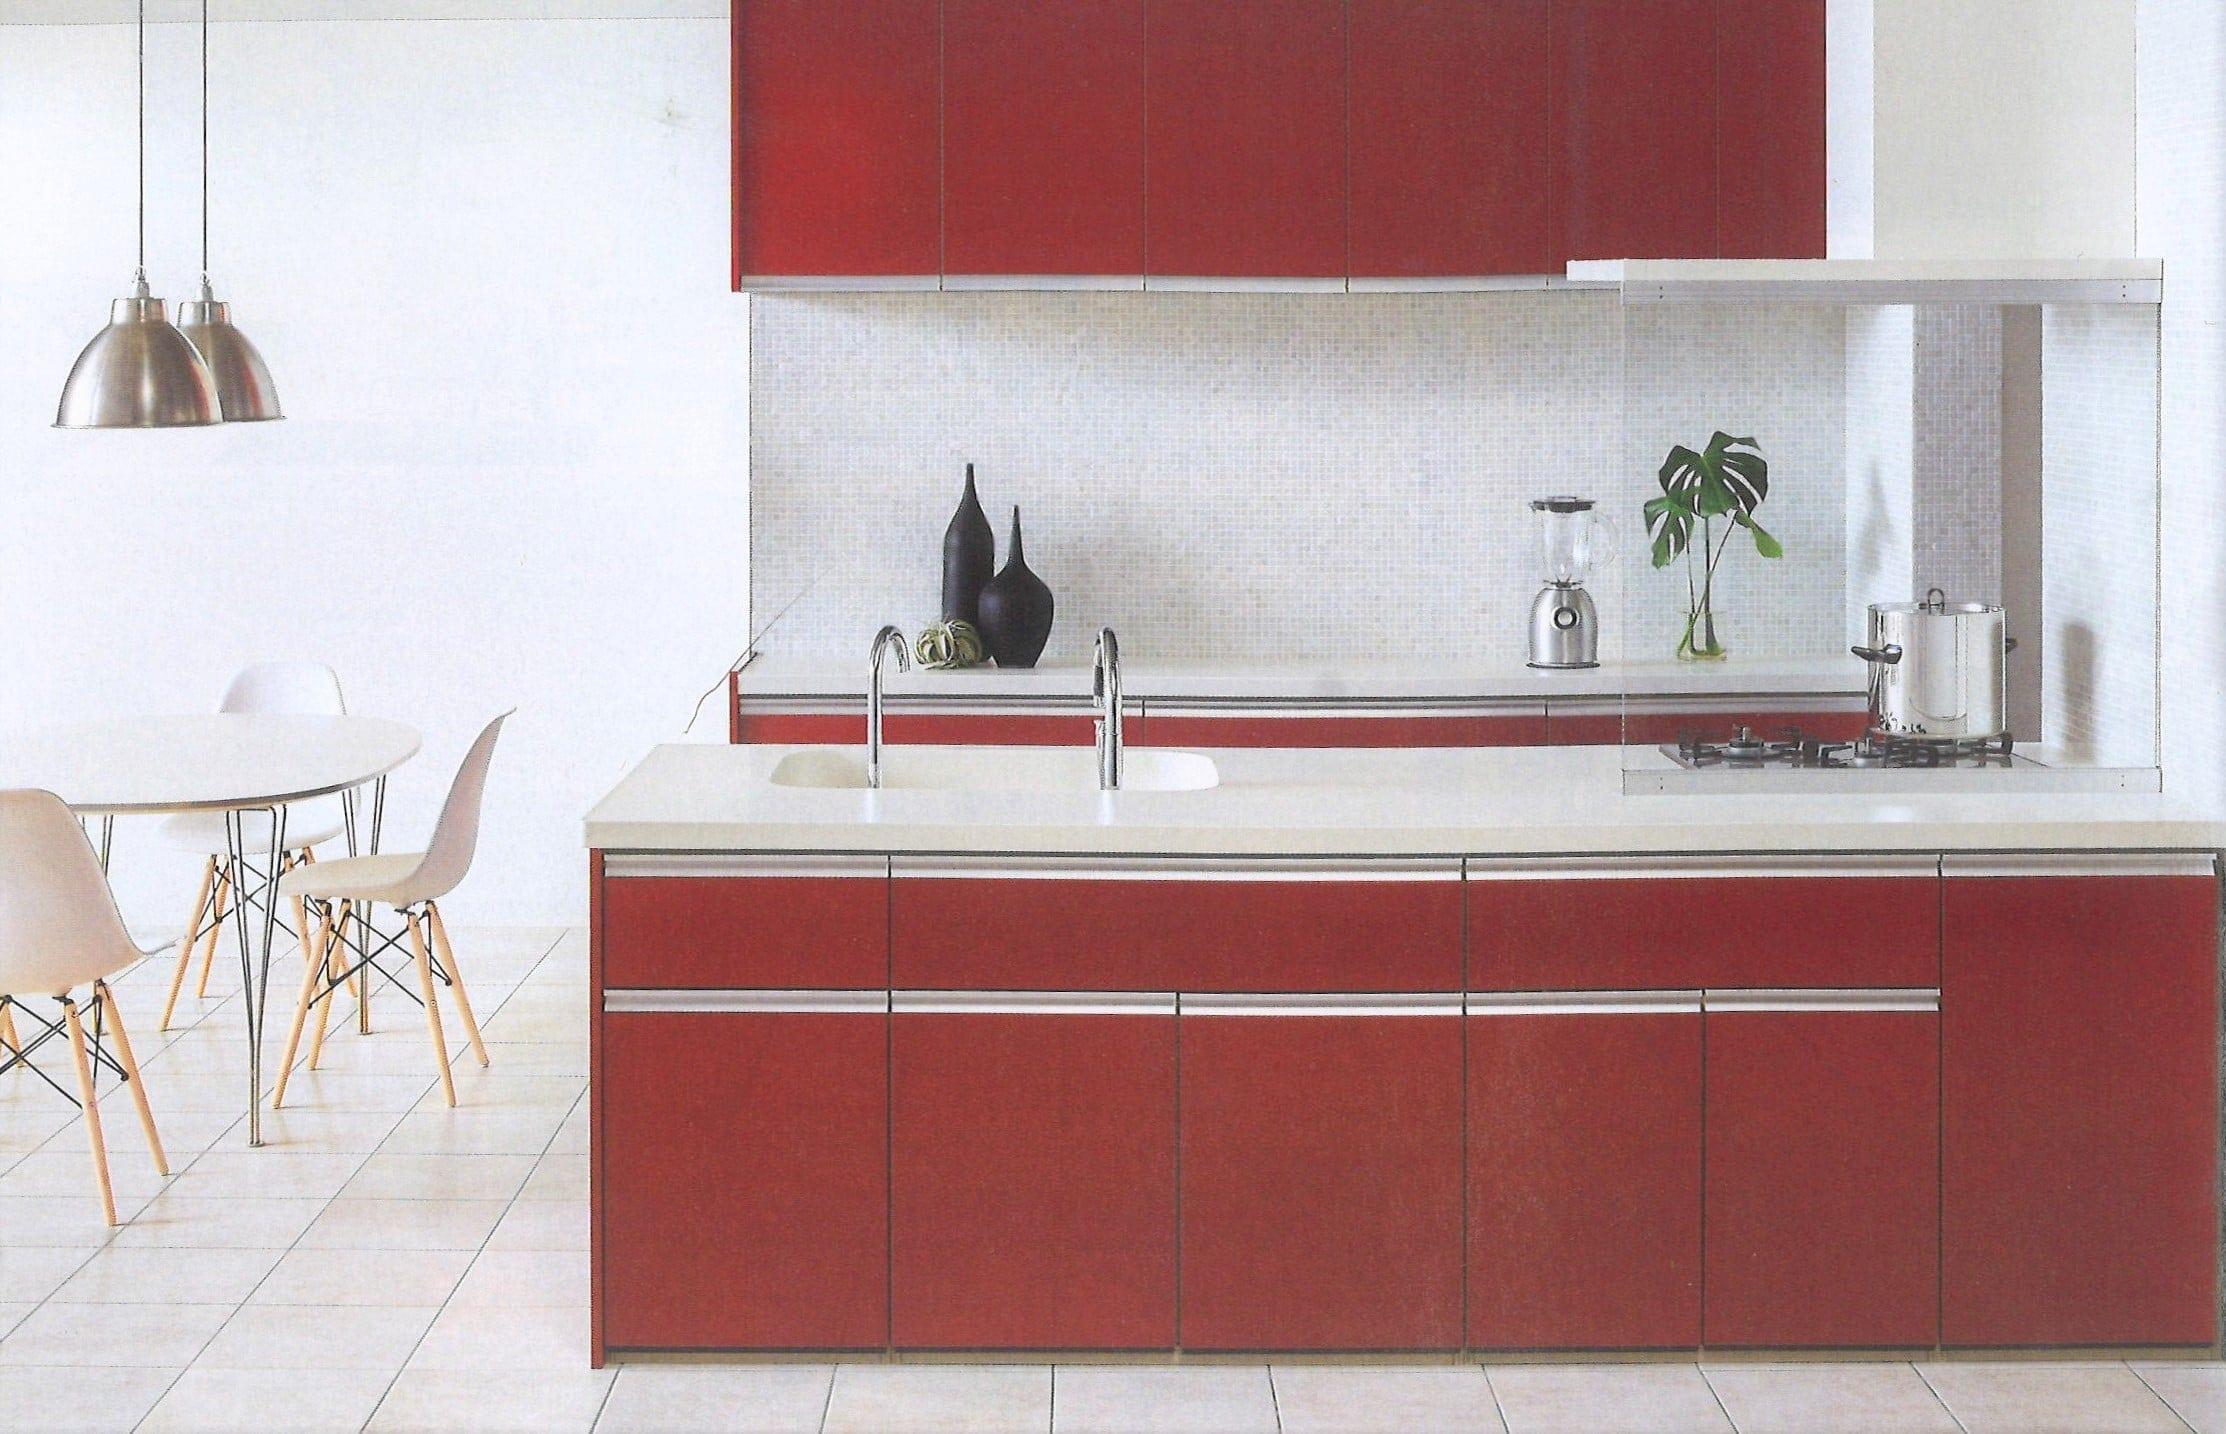 LIXIL オープン対面センターキッチン 鮫島工業施工費込み リフォーム商品プランのイメージその1